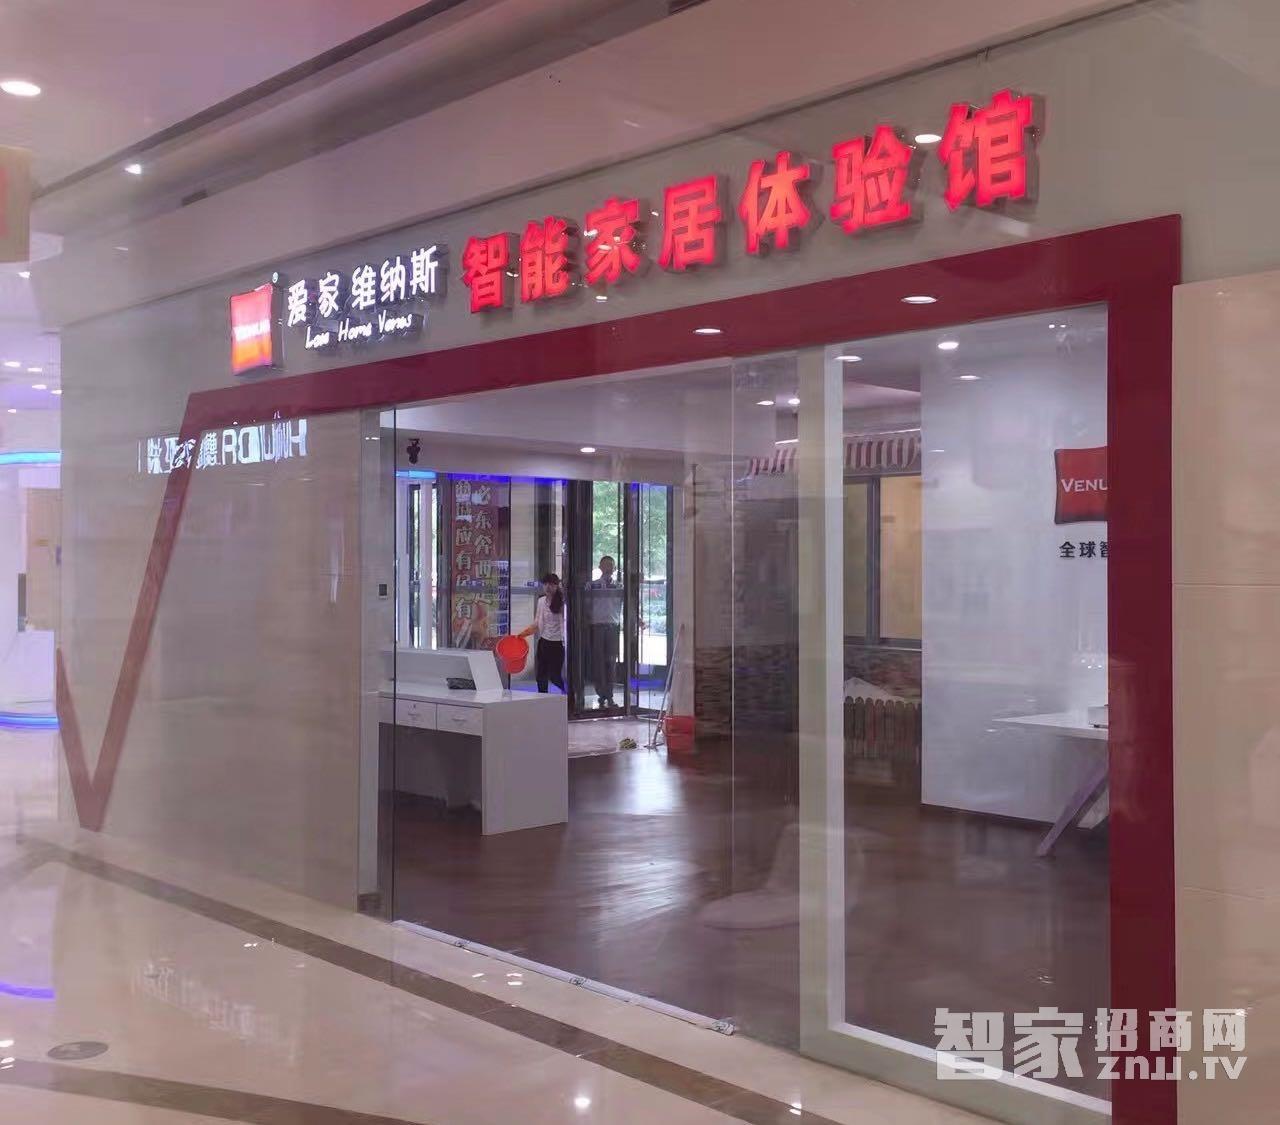 热烈祝贺爱·家 维纳斯智能家居落户扬州国际家居生活广场!